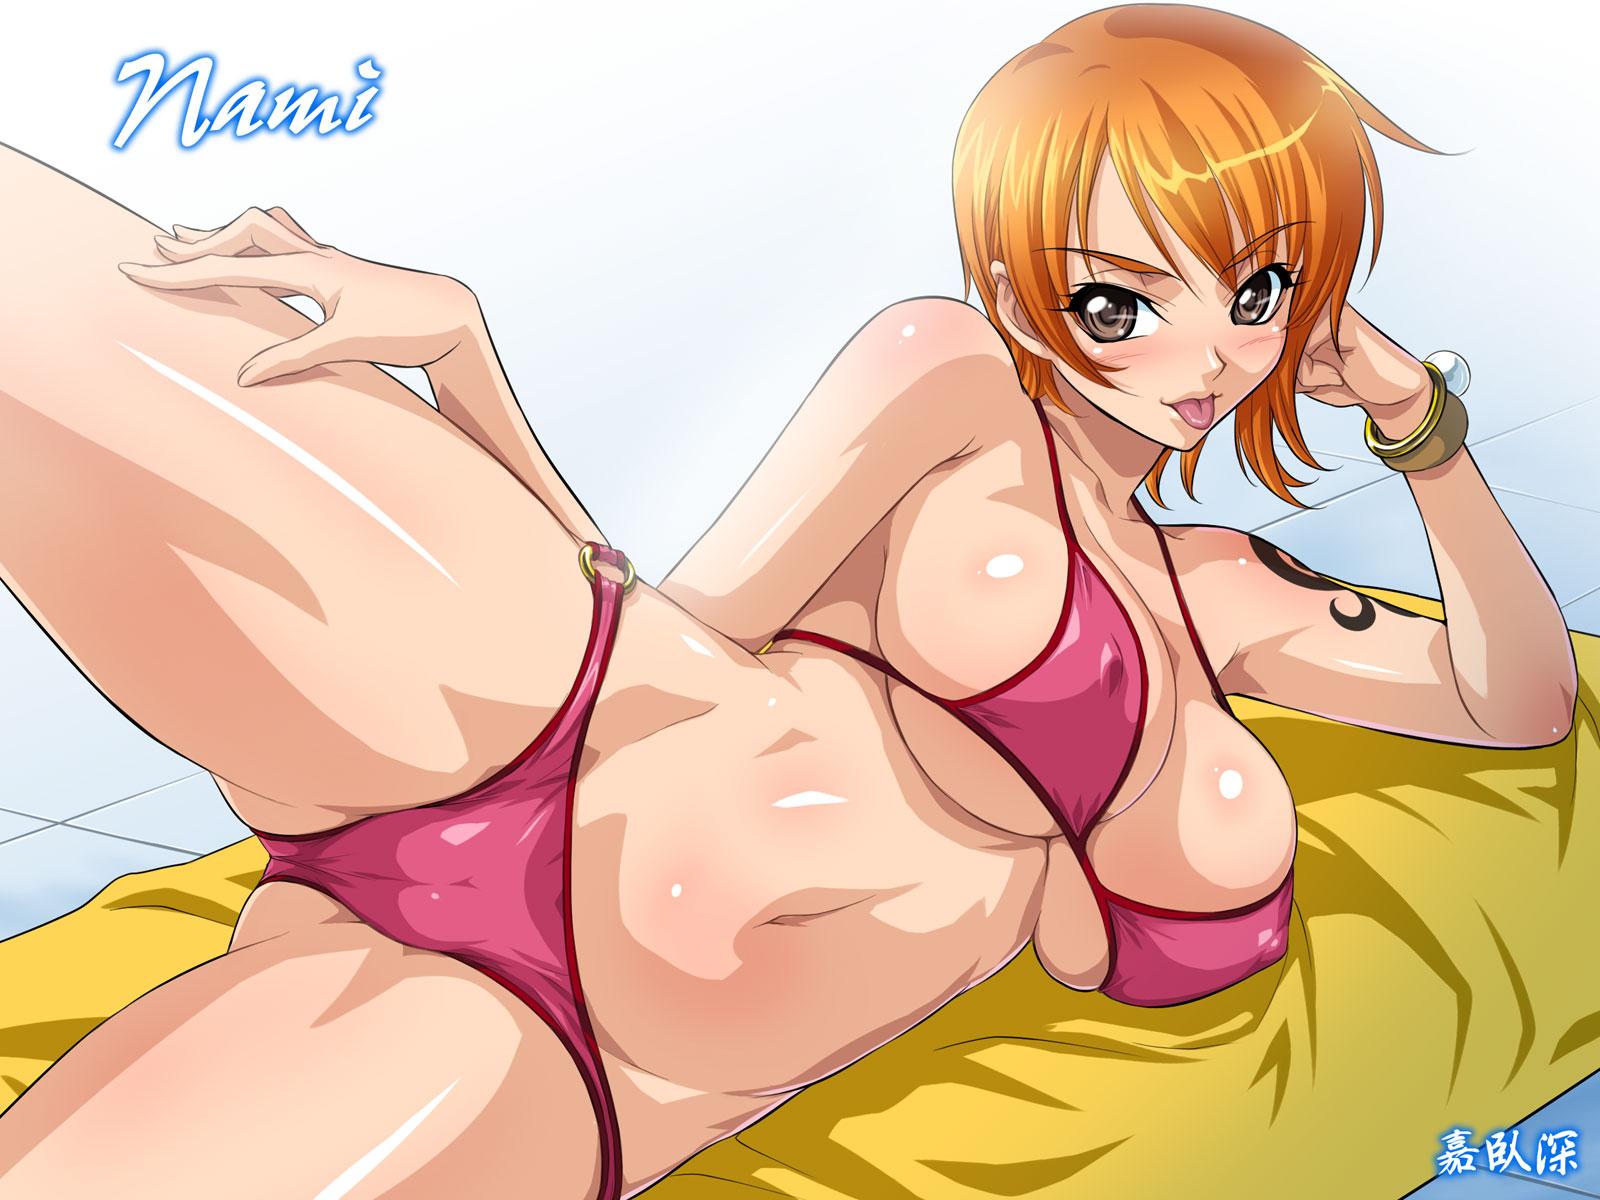 sex one piece. Master! ? Nichts zu sagen!